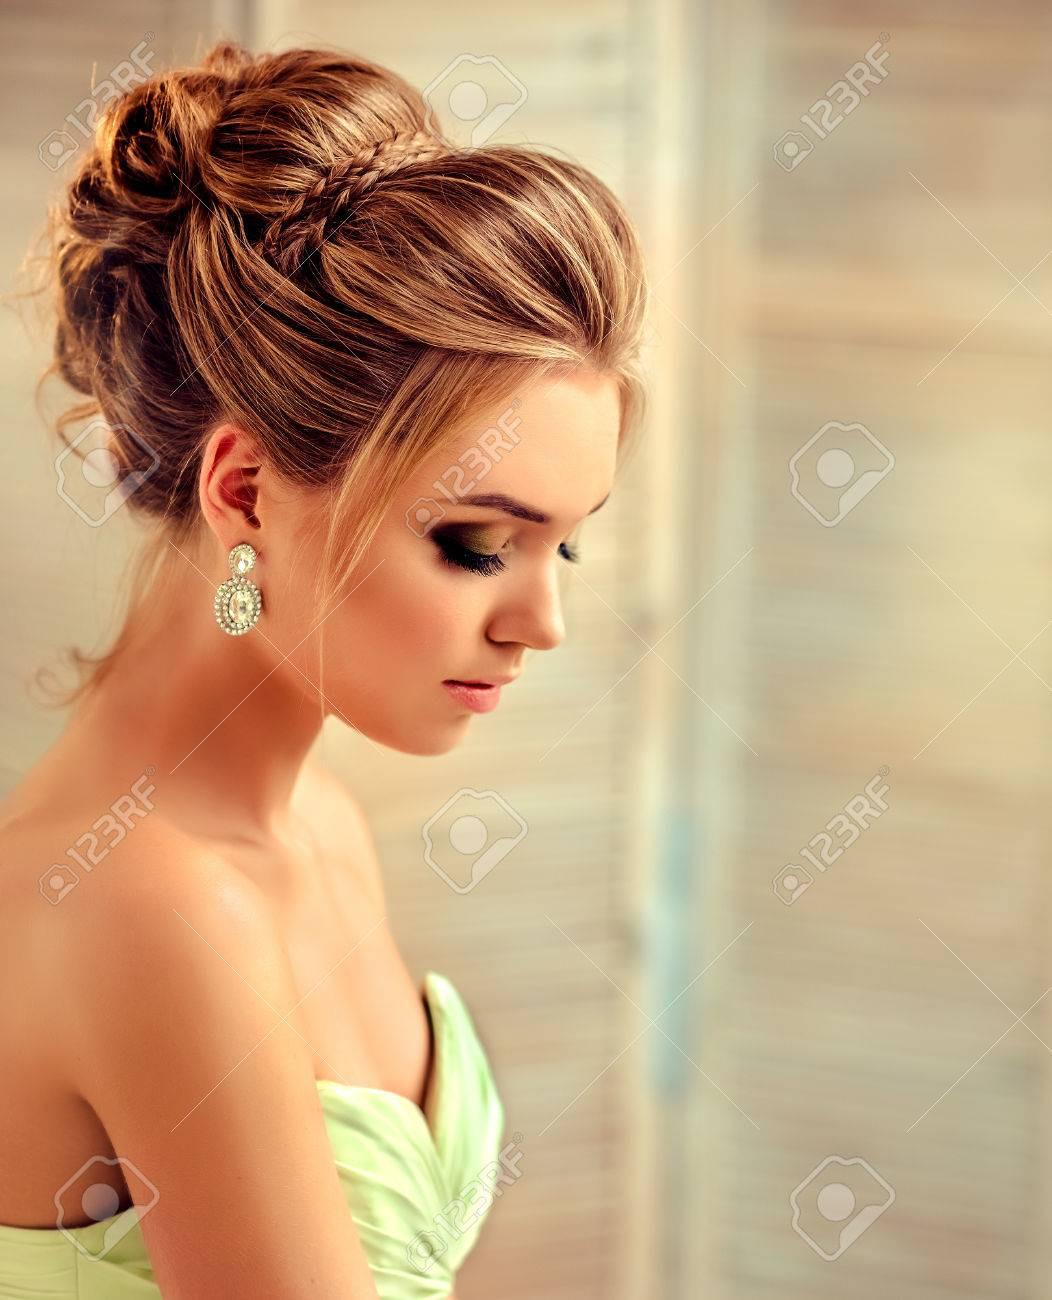 17 Coolste Frisur Zum Abendkleid Bester PreisFormal Wunderbar Frisur Zum Abendkleid Design